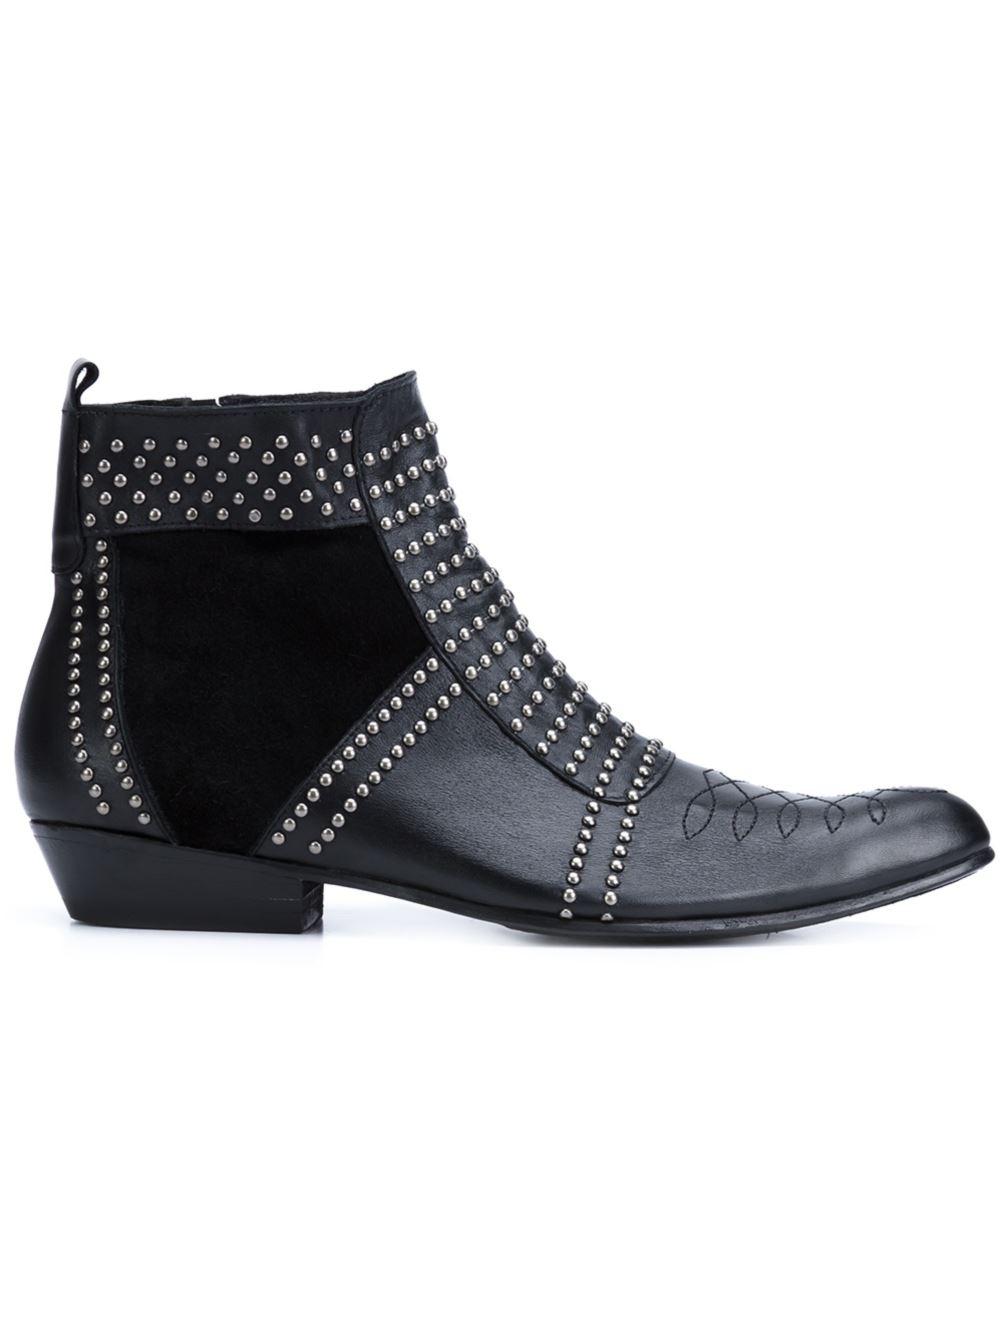 Annine Bing 'Charlie' Boots